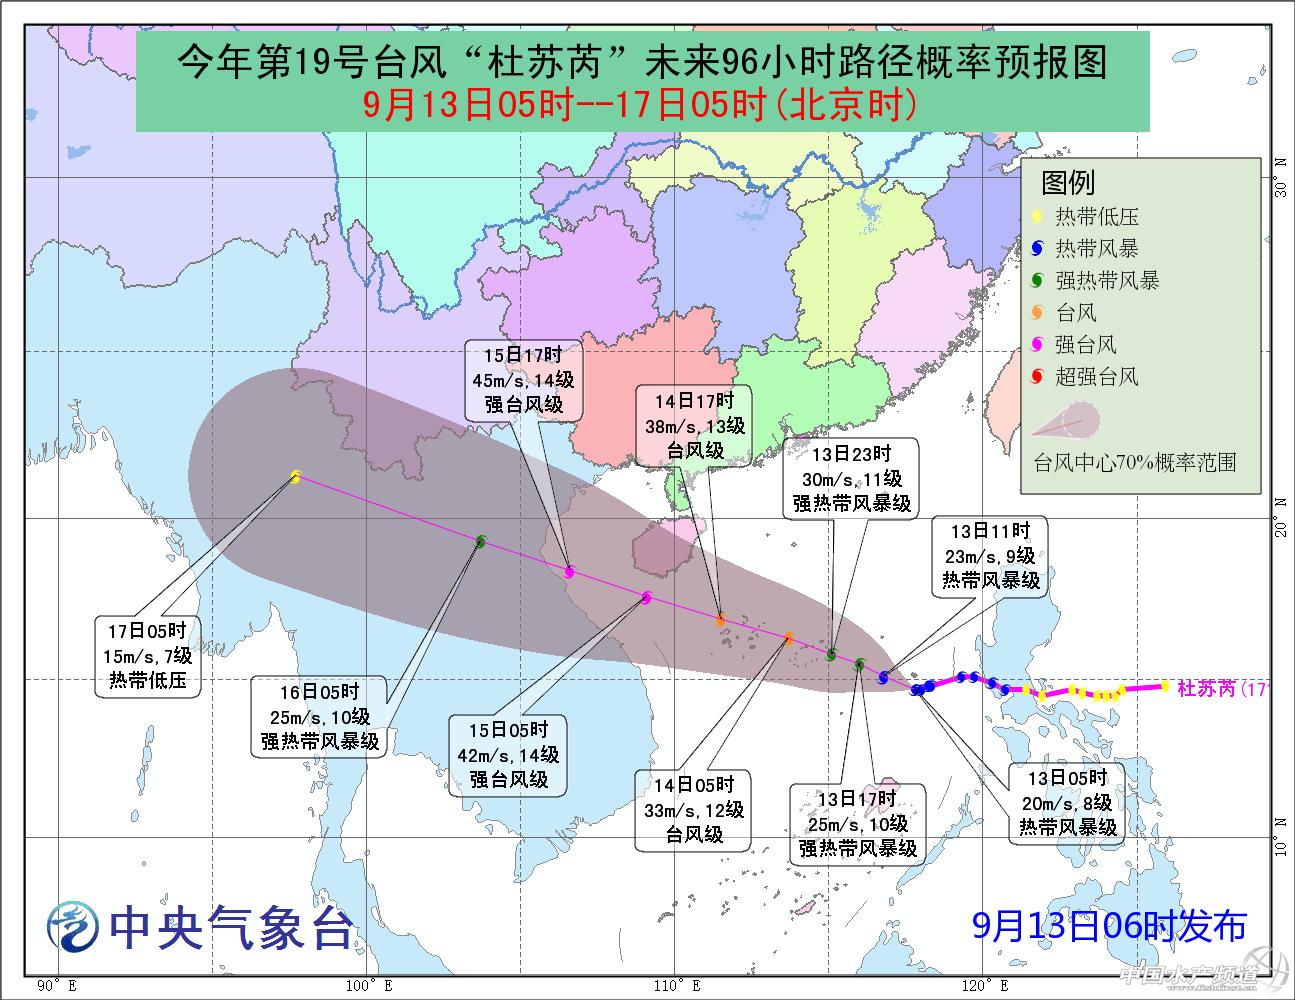 9月13日:未来三天全国天气预报